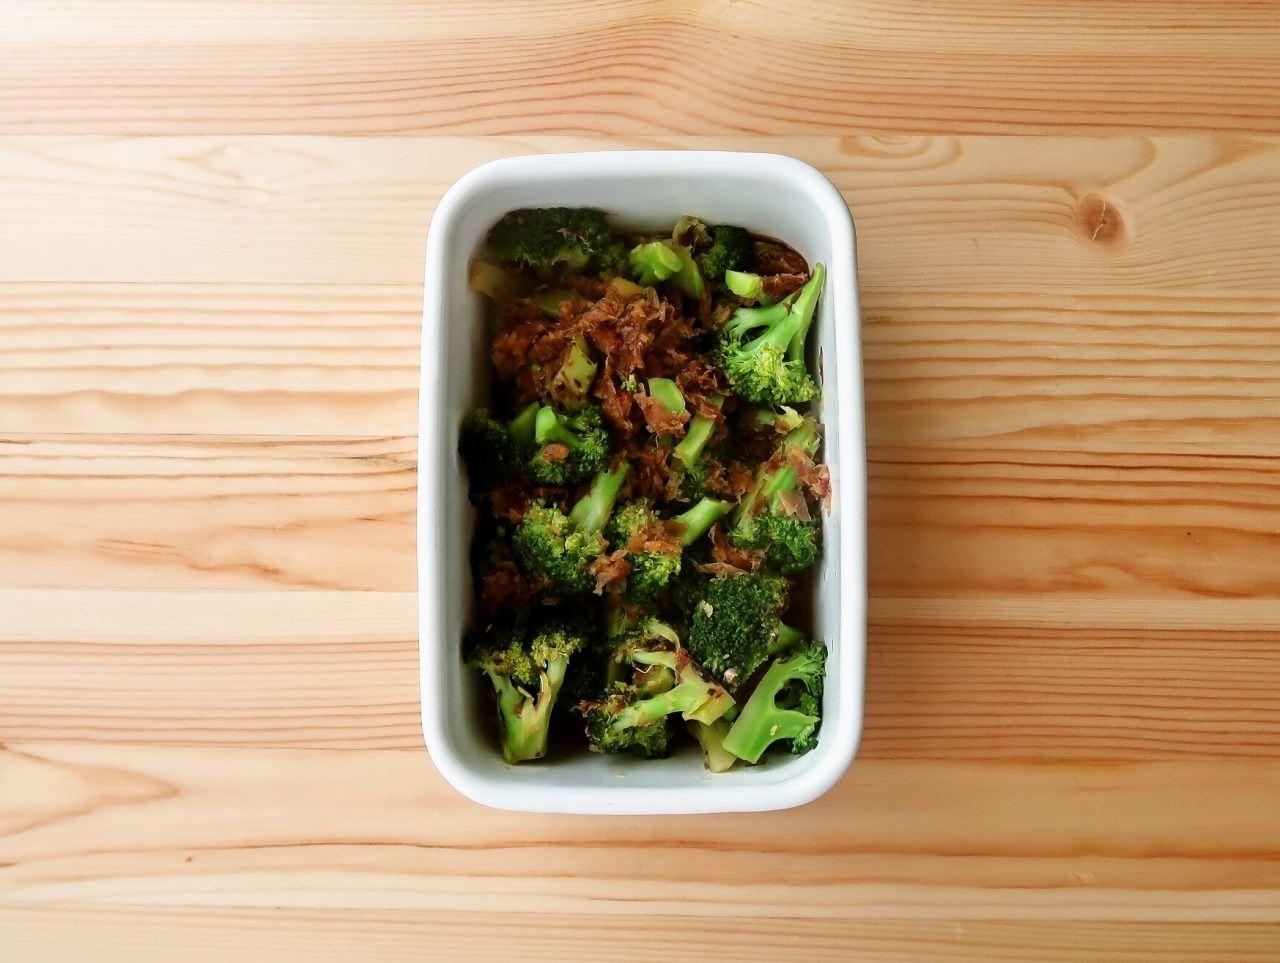 【野菜ひとつ】ブロッコリーの焼きびたし